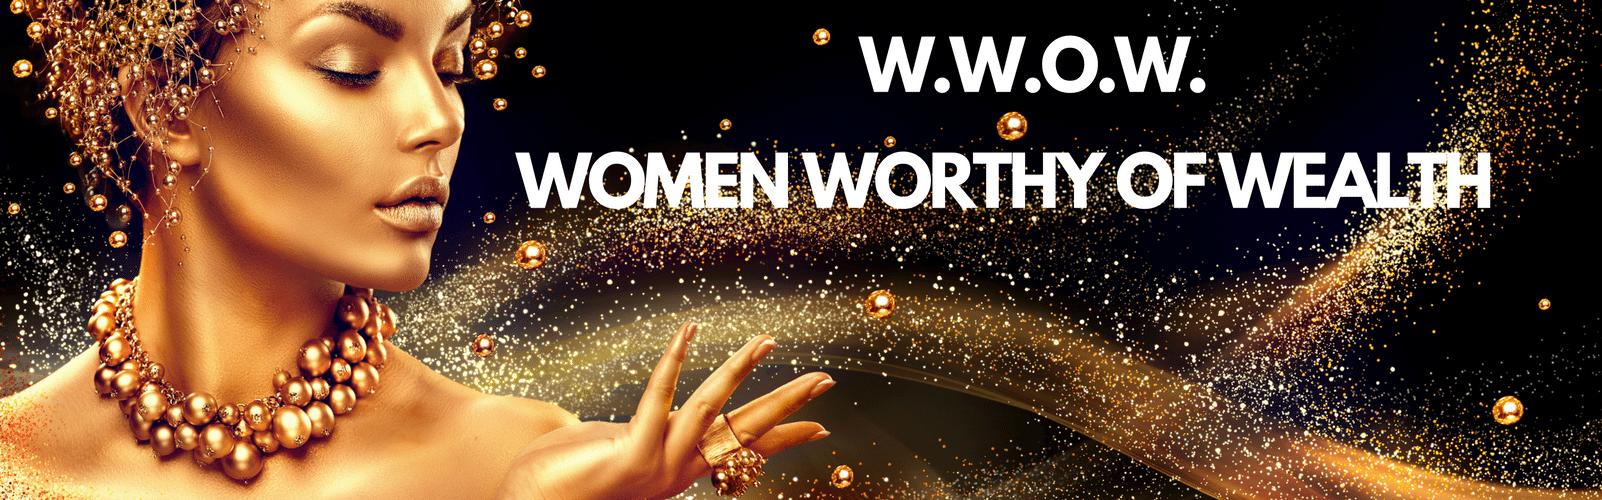 Women worthy of wealth